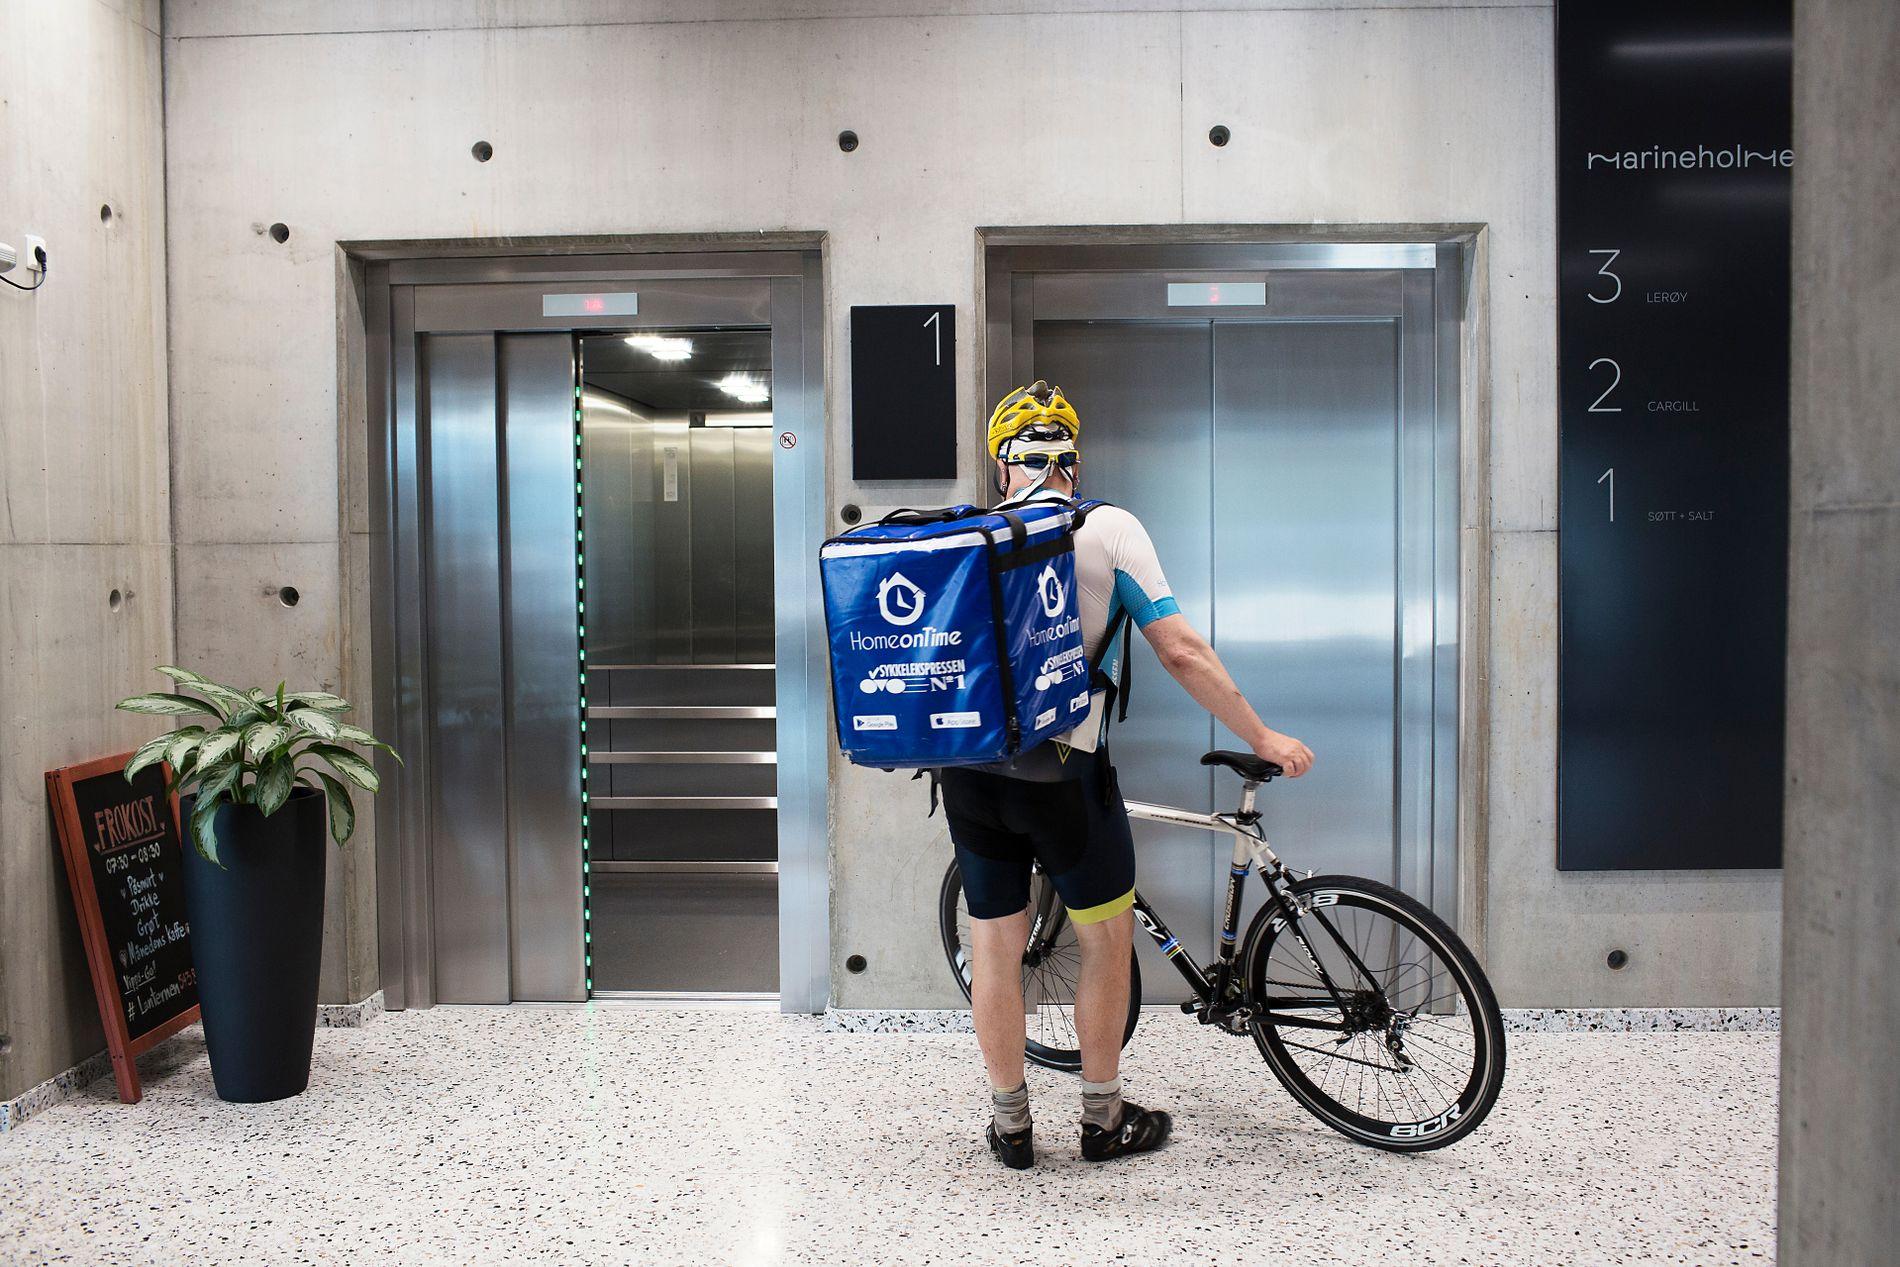 TAR HEISEN: I sommerhalvåret kan det bli varmt med mange timer på sykkelsetet. Mathisen velger heisen når han skal mange etasjer opp.